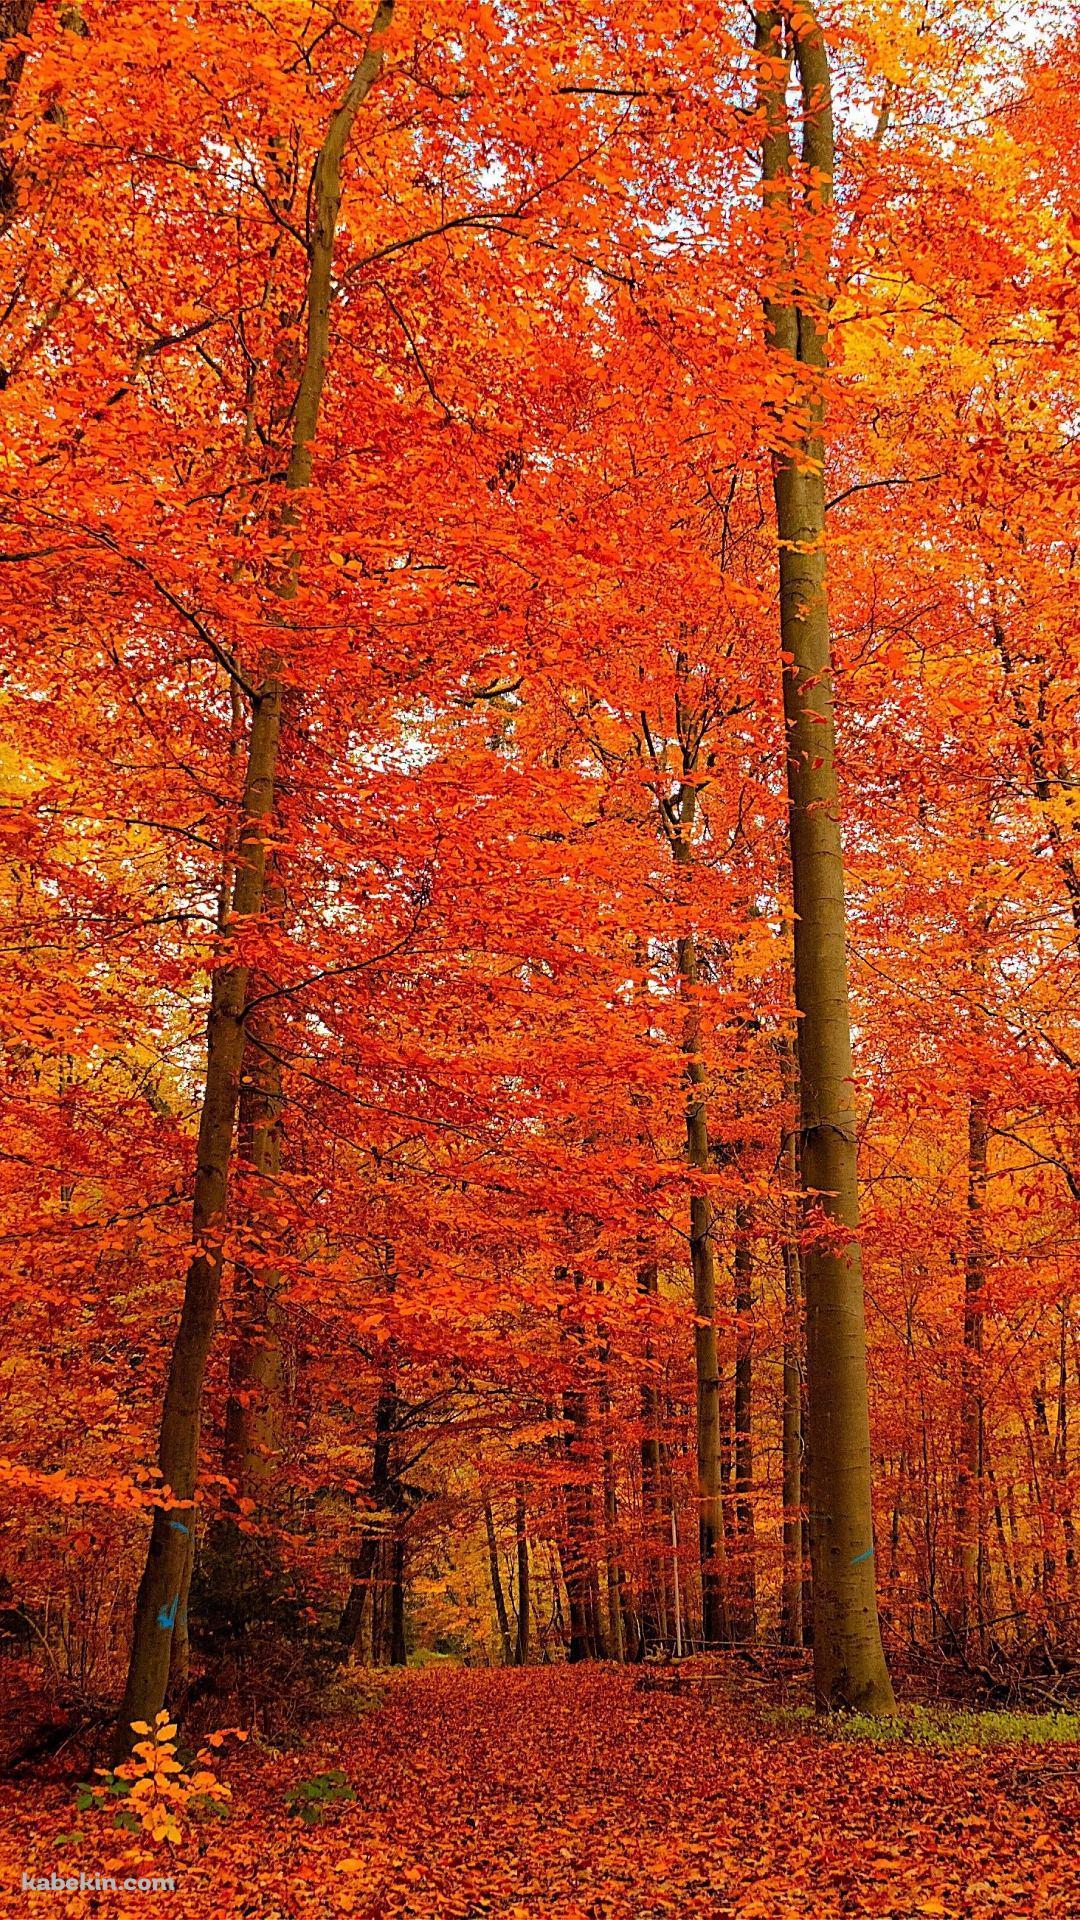 秋の森のandroid壁紙 1080 X 1920 壁紙キングダム スマホ版